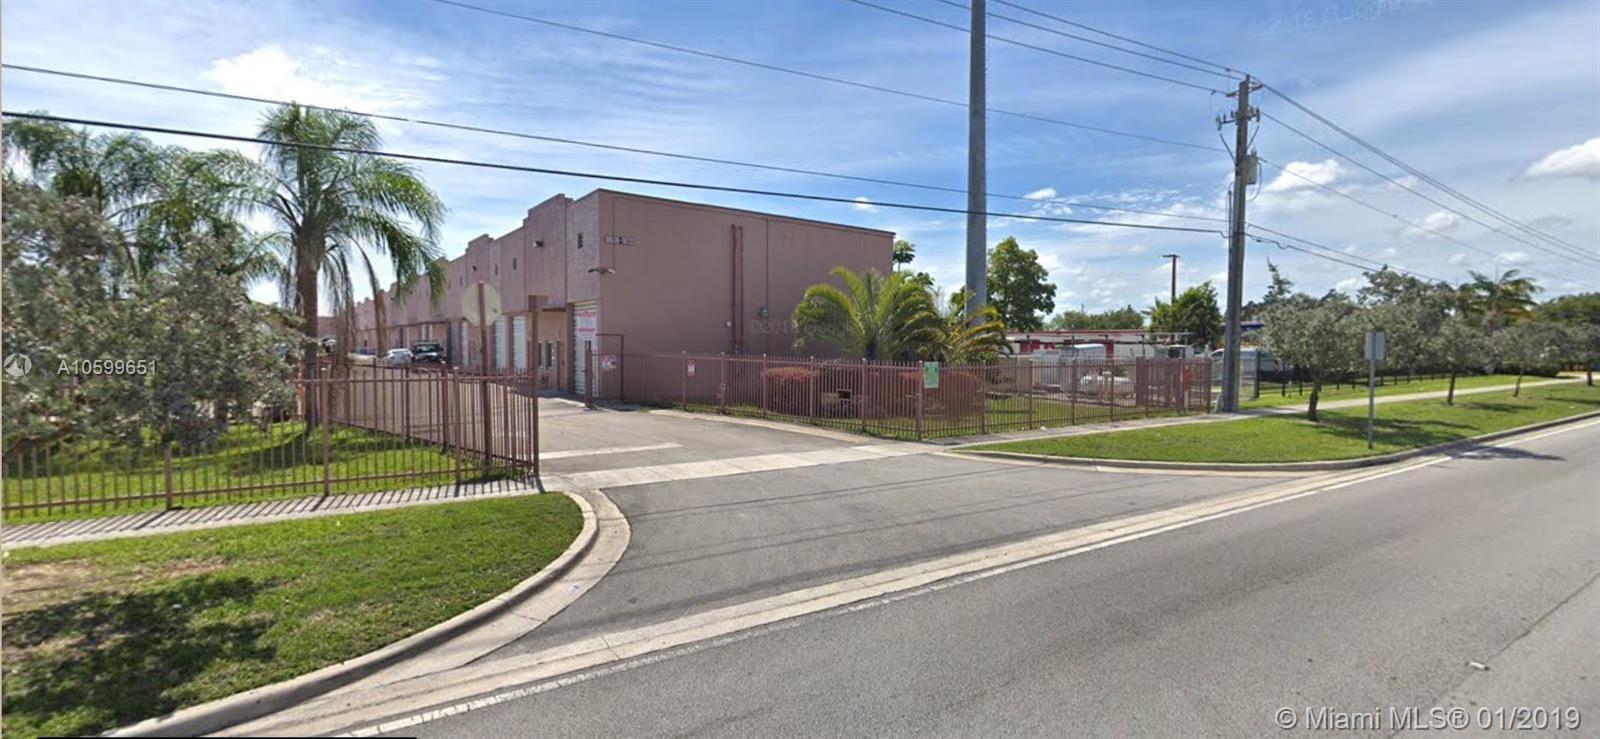 16669 SW 117th Ave, Miami, FL 33177